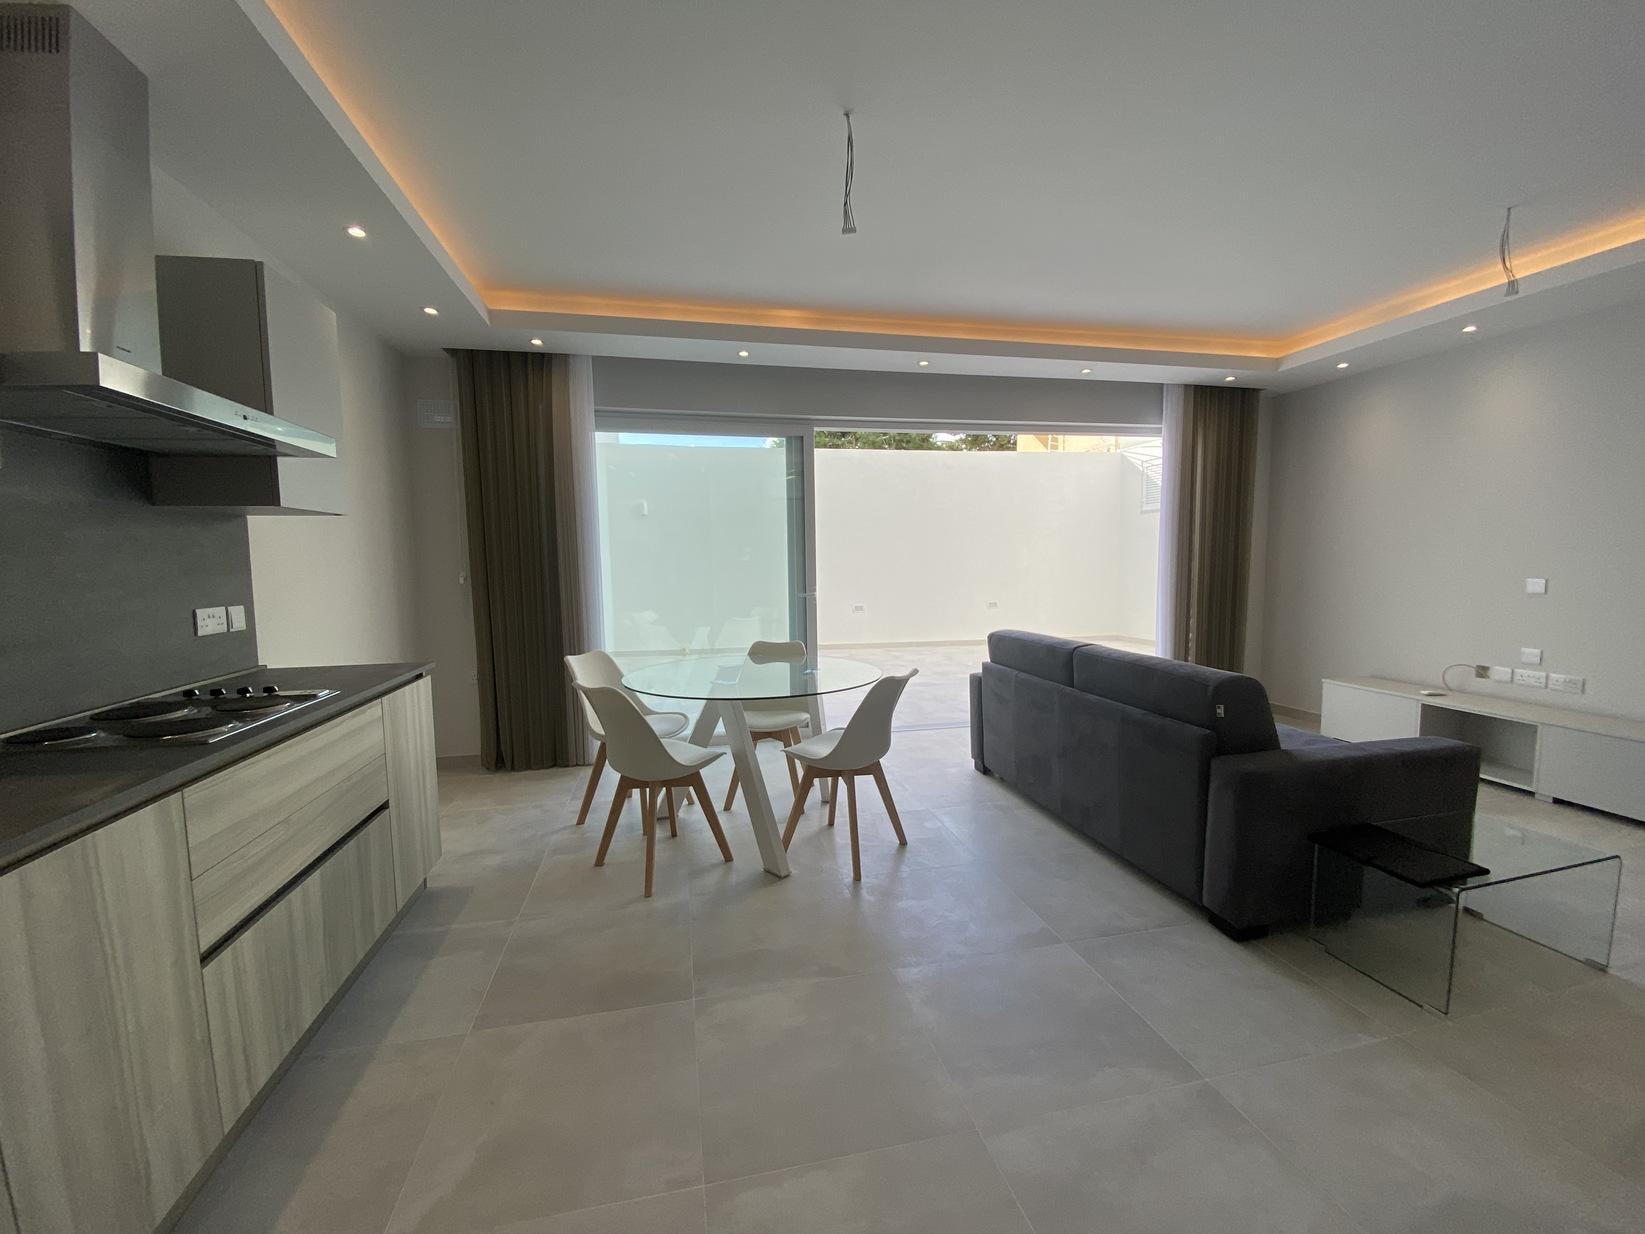 3 bed Maisonette For Rent in Lija, Lija - thumb 3